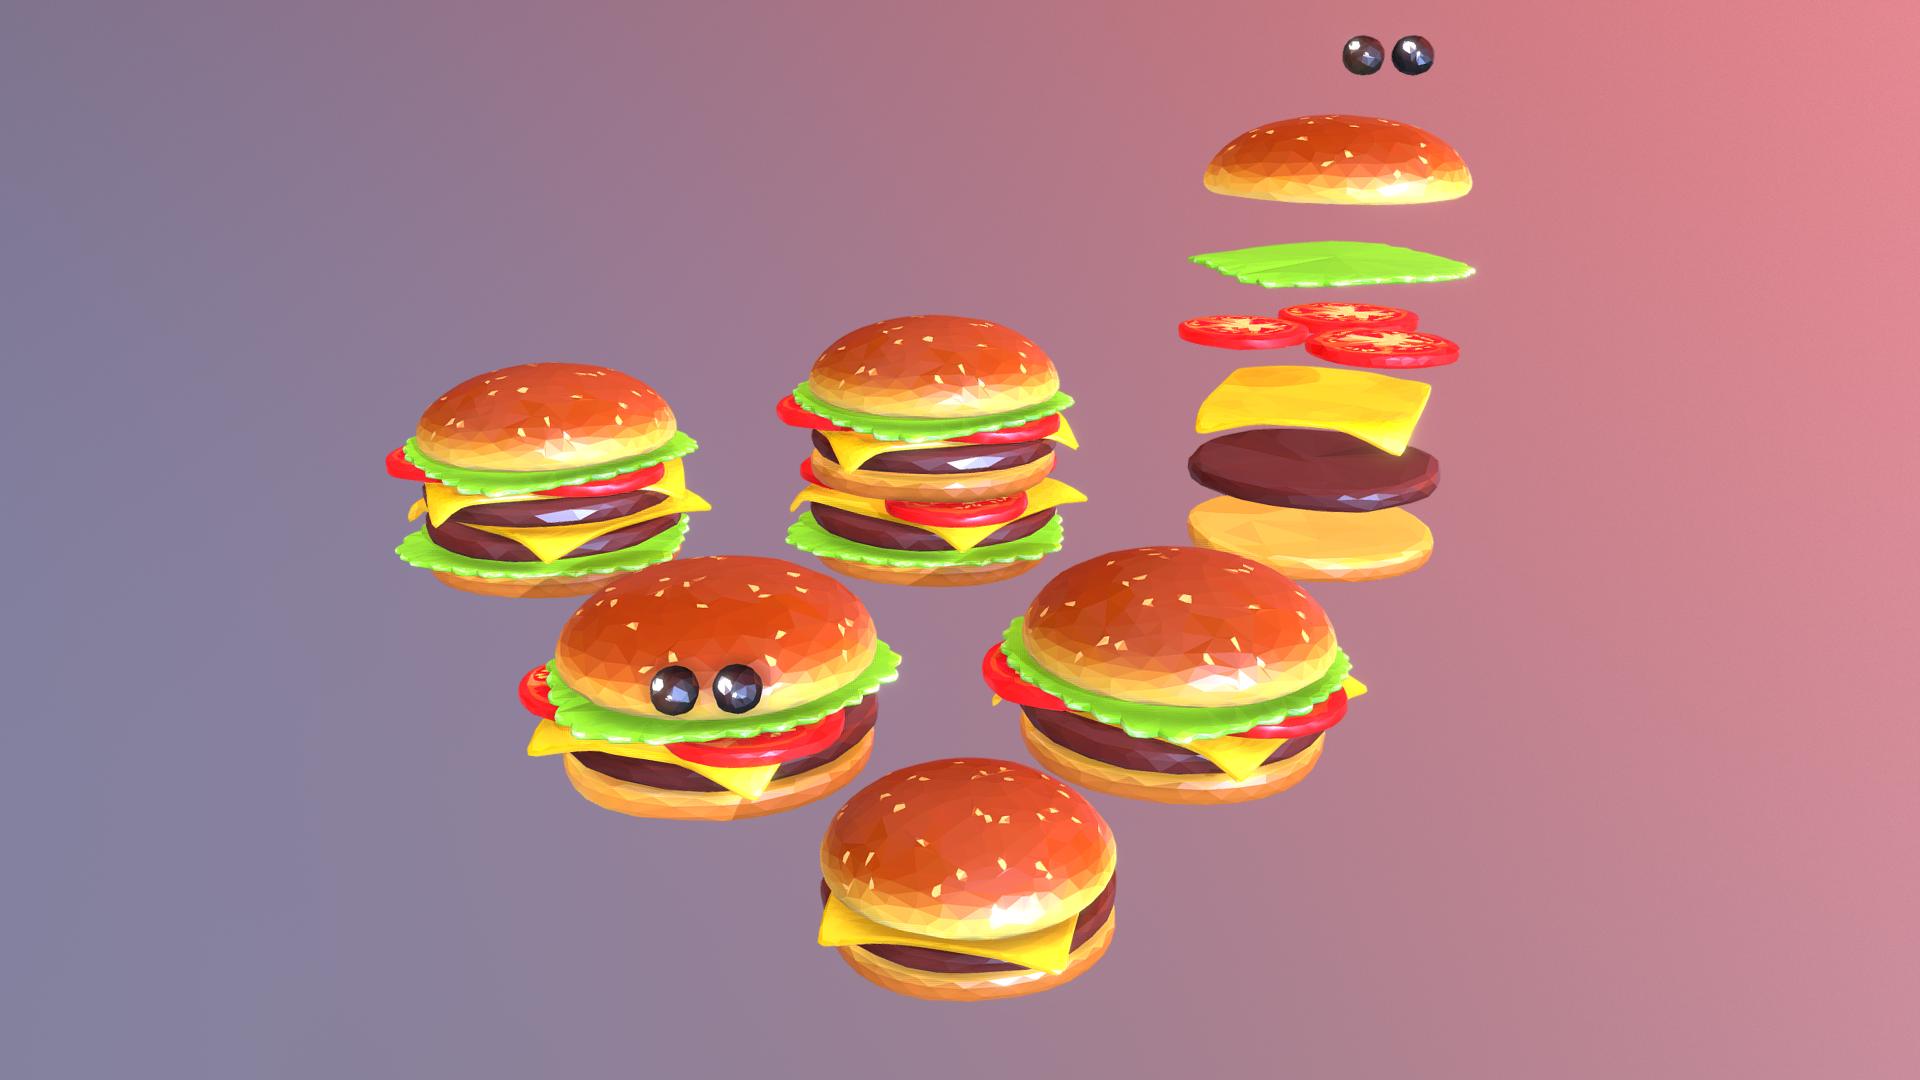 lowpolyart hamburger cheeseburger graditelj 3d model 3ds max fbx jpeg jpg ma mb tekstura obj 269559